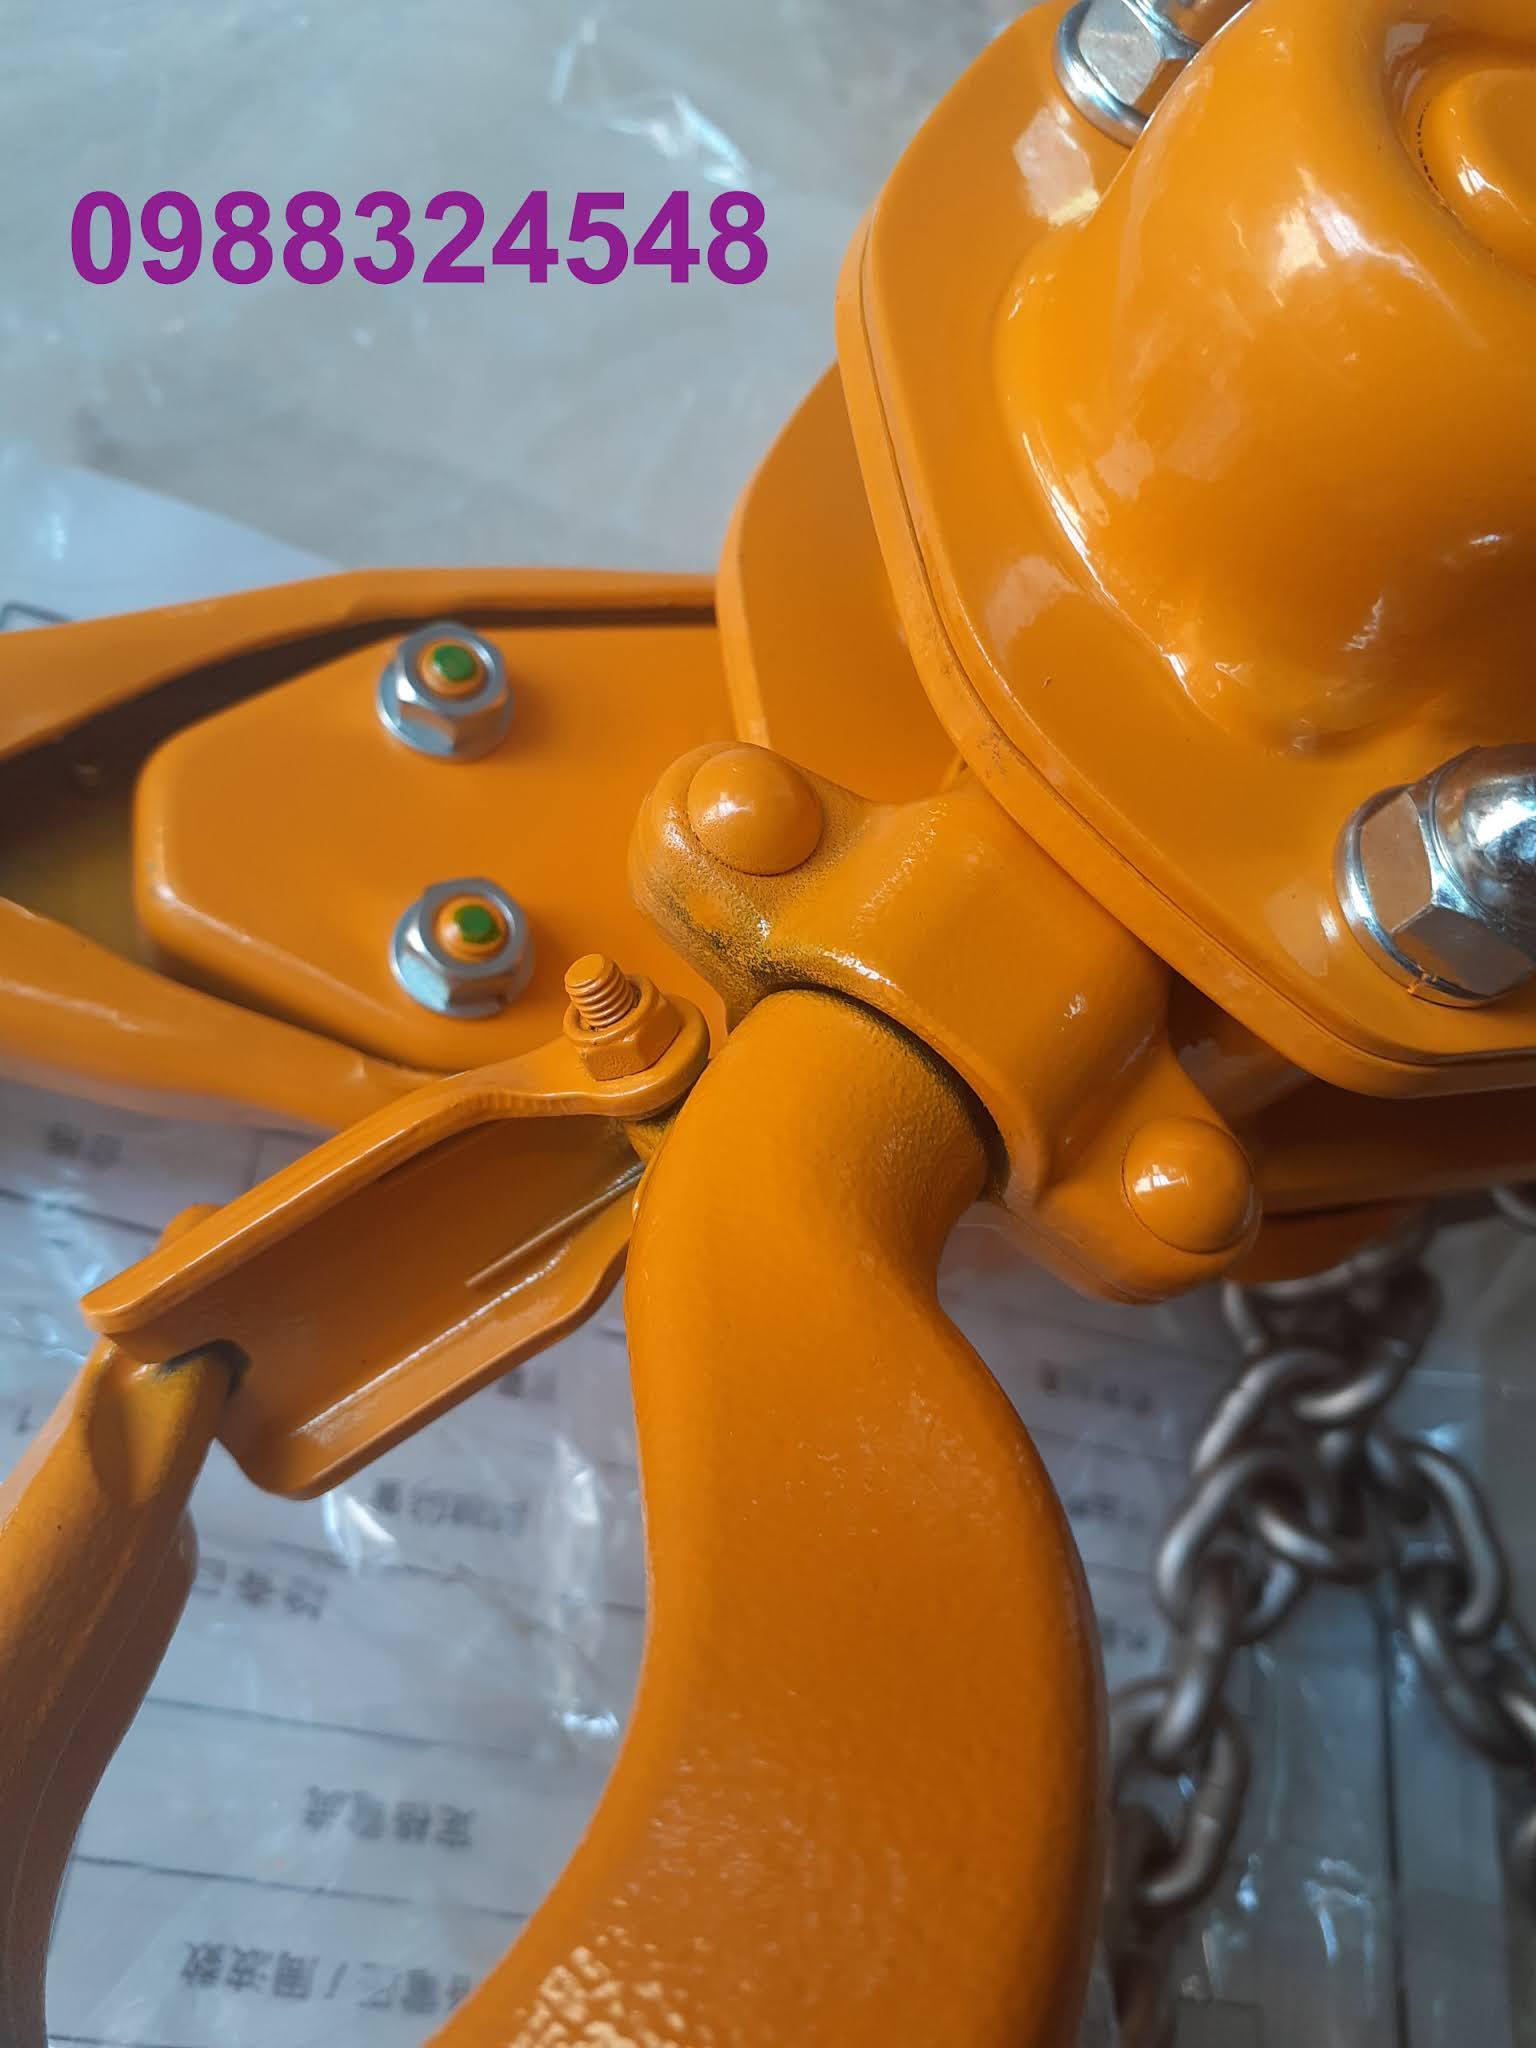 Pa lăng lắc tay Kito LB010 1 tấn